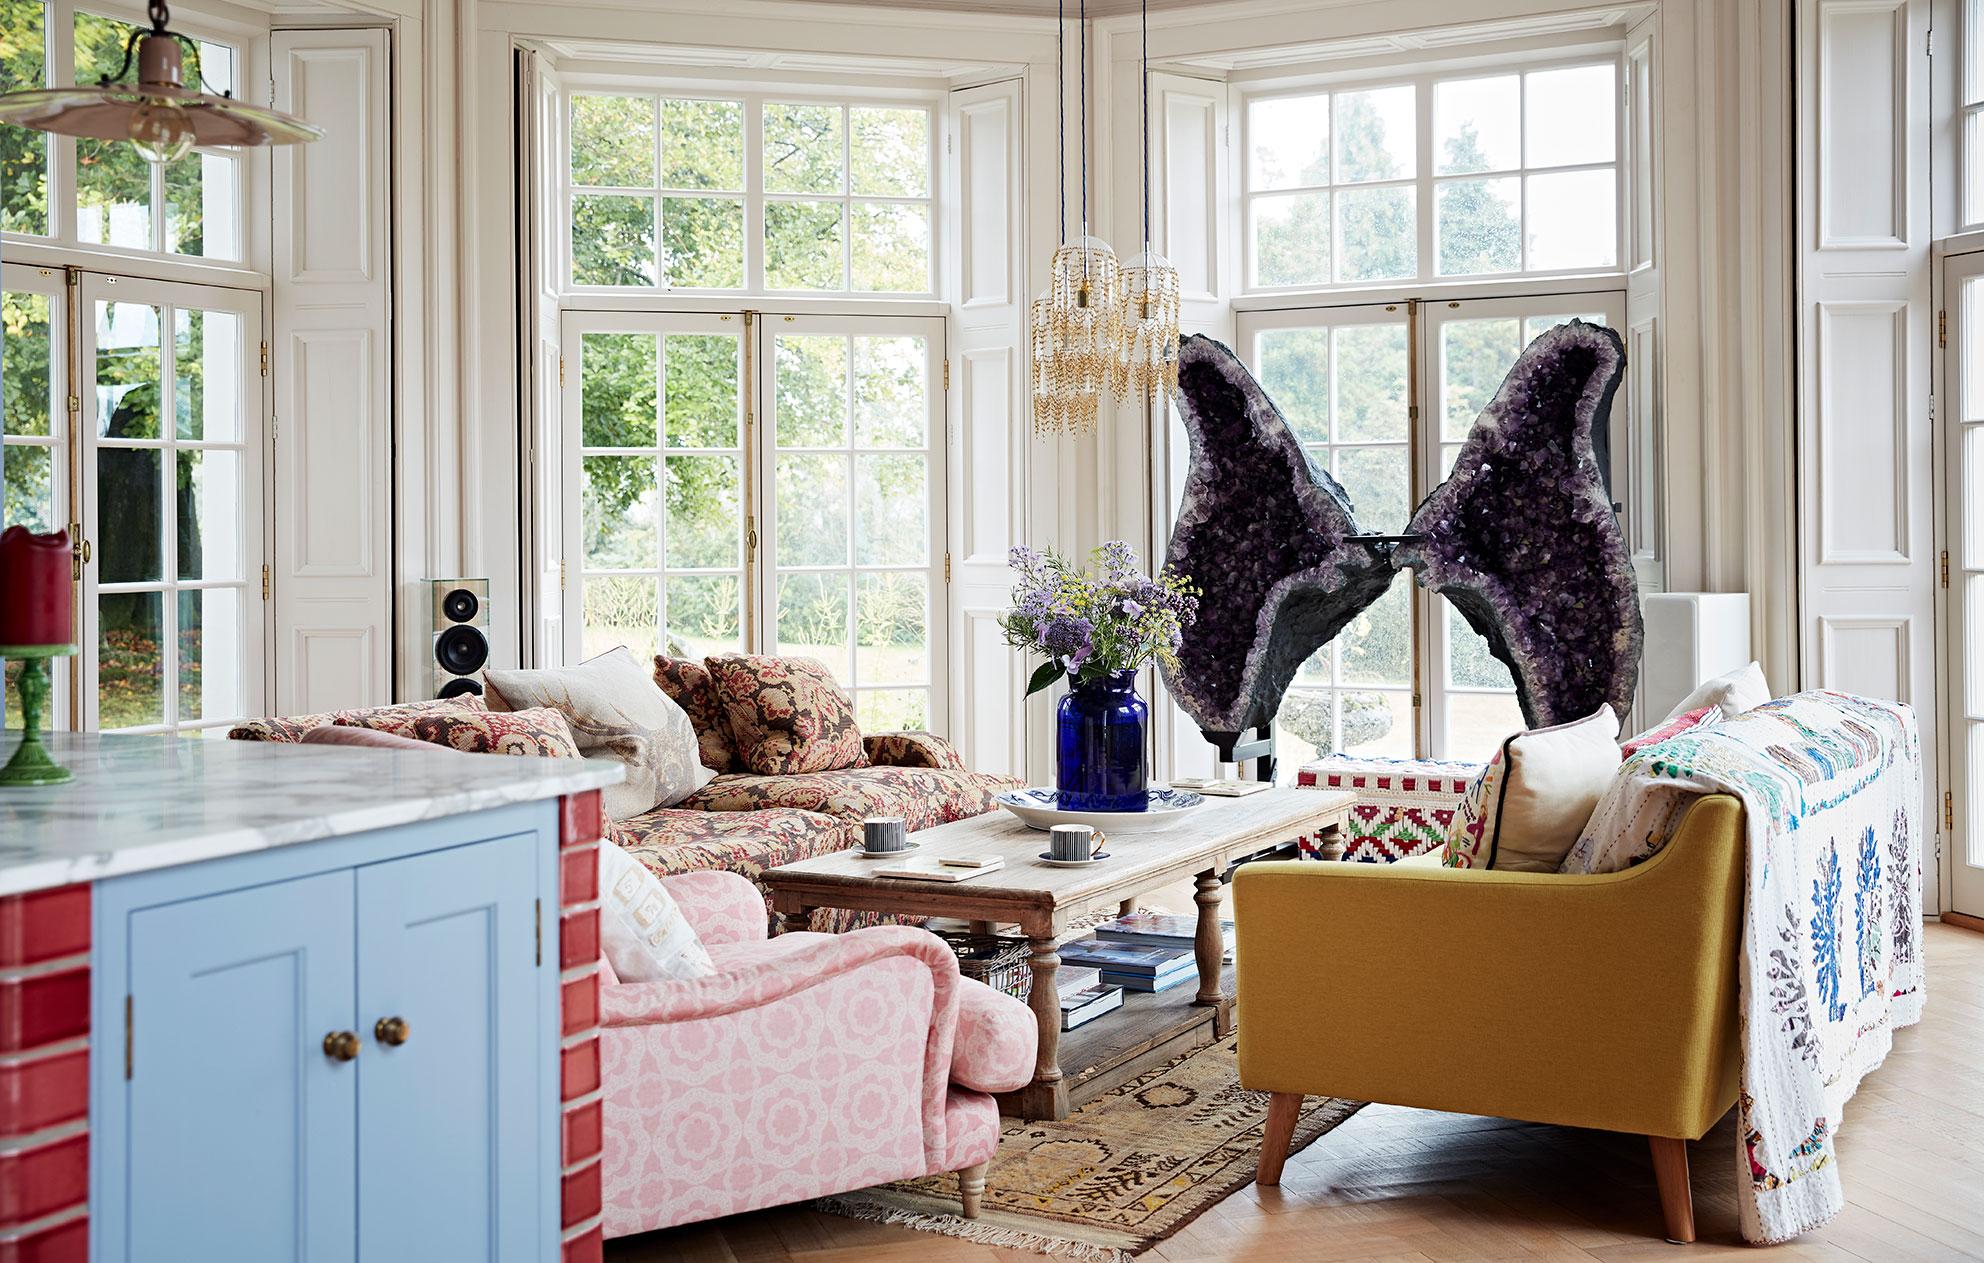 Huge quartz sculpture in window of a light-filled living room